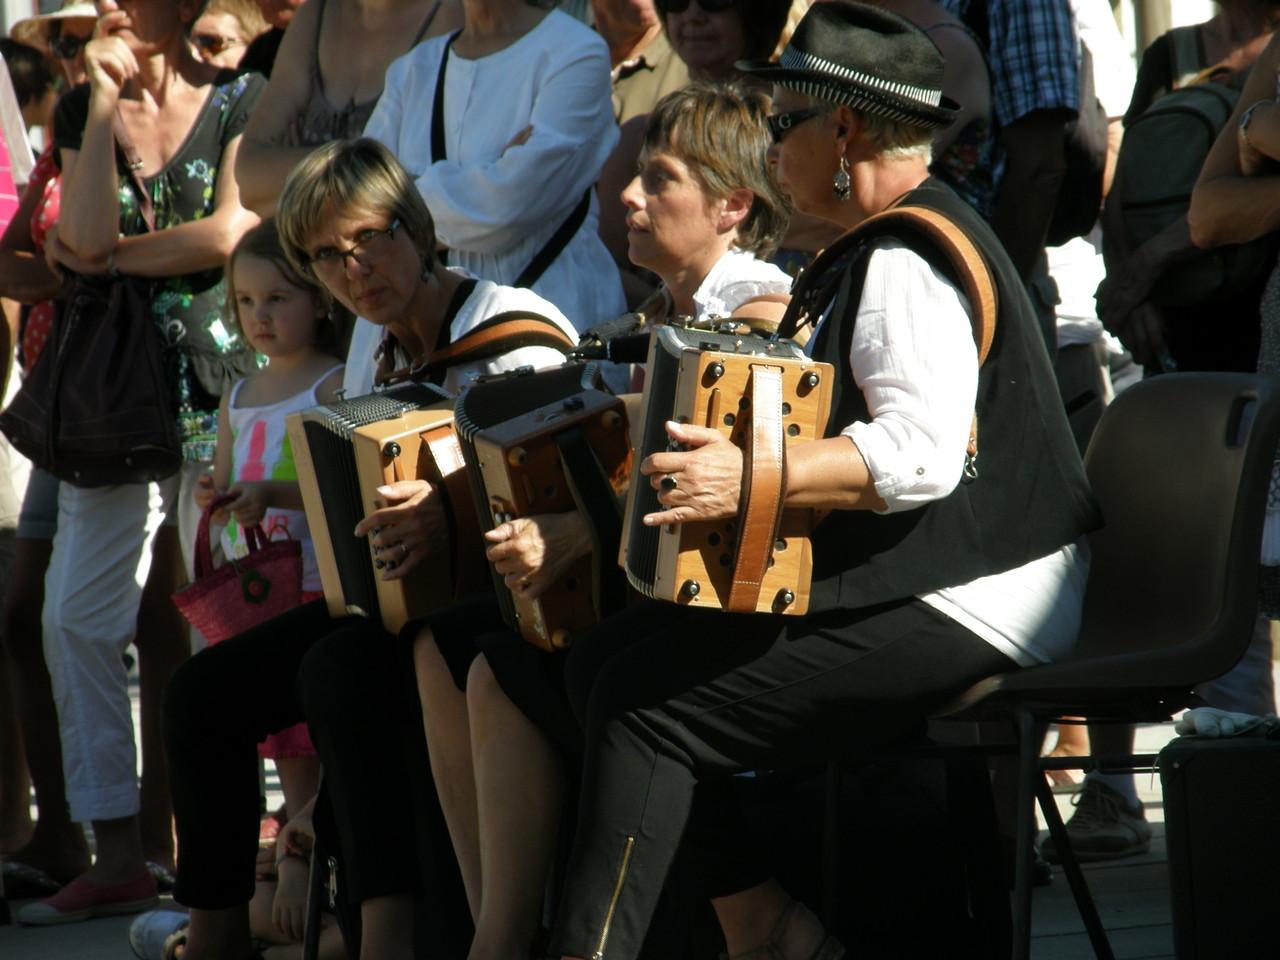 Les musiciennes accompagnent les danses avec brio